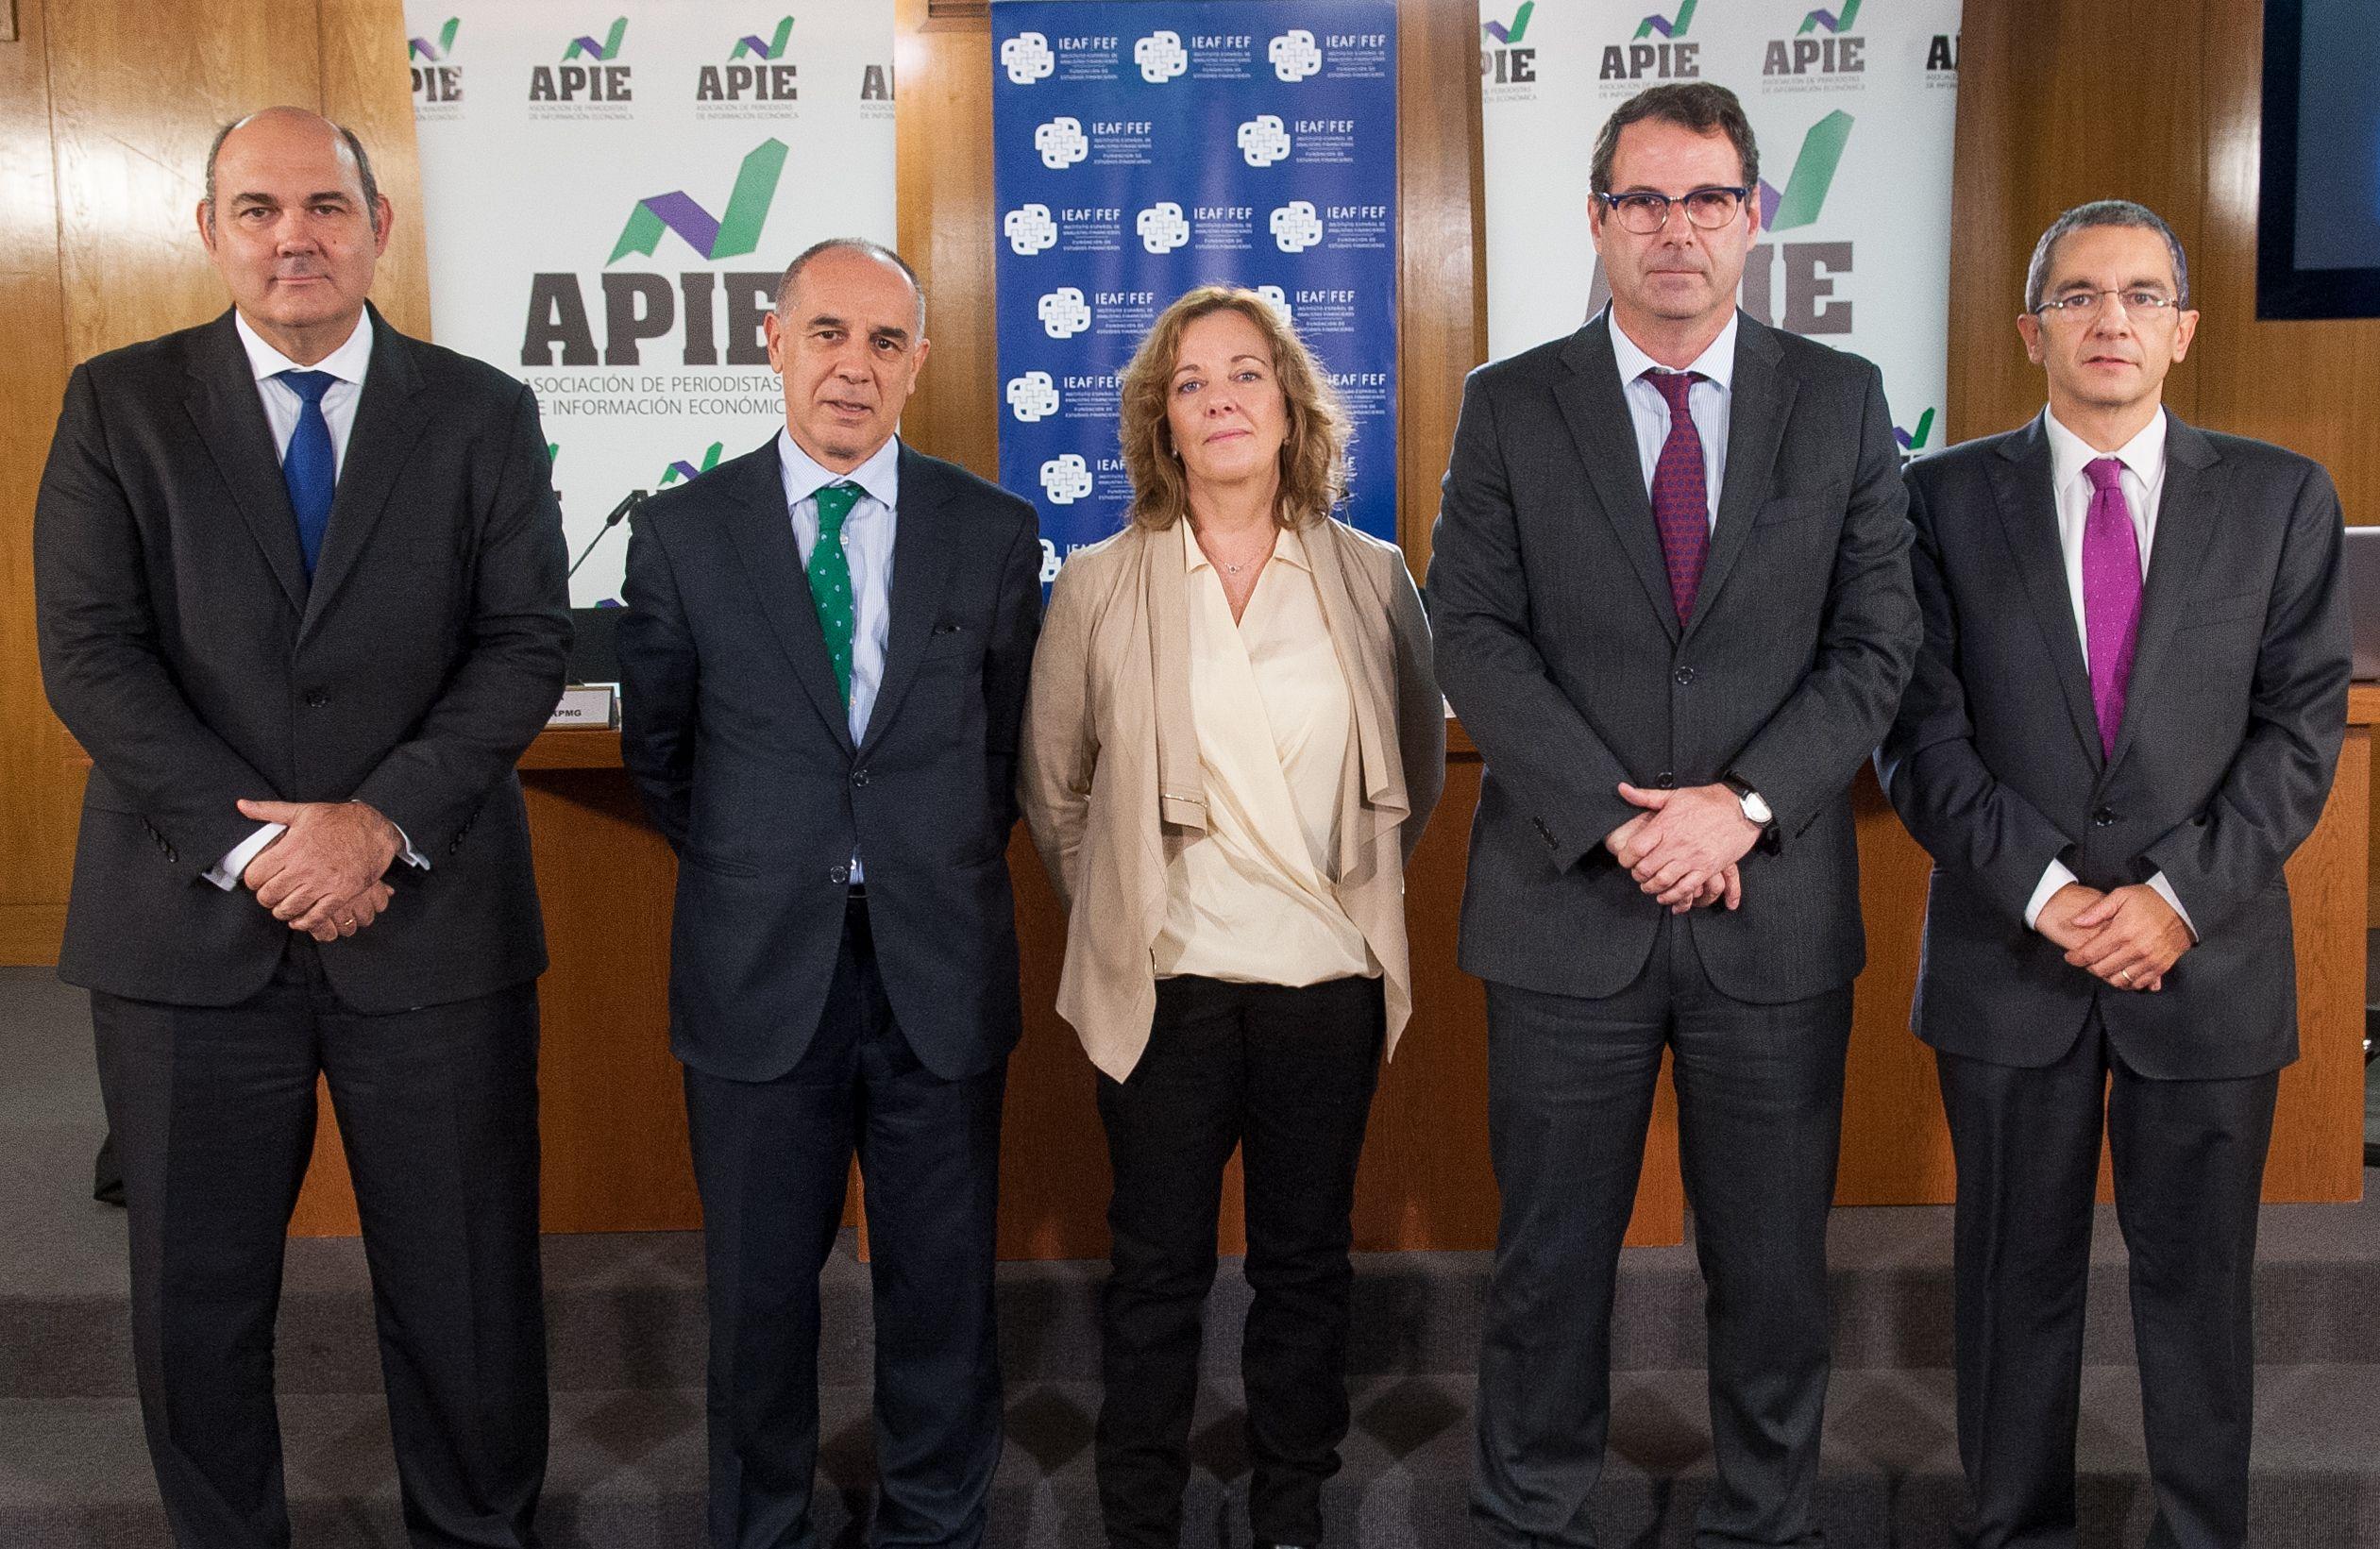 De izquierda a derecha, Francisco Uría (KPMG), Ángel Berges (AFI), Amparo Estrada (APIE), Jorge Yzaguirre (IEAF-FEF) y Joaquín Maudos (IVIE) en las II Jornadas sobre Resolución Bancaria organizadas por IEAF-FEF y APIE.